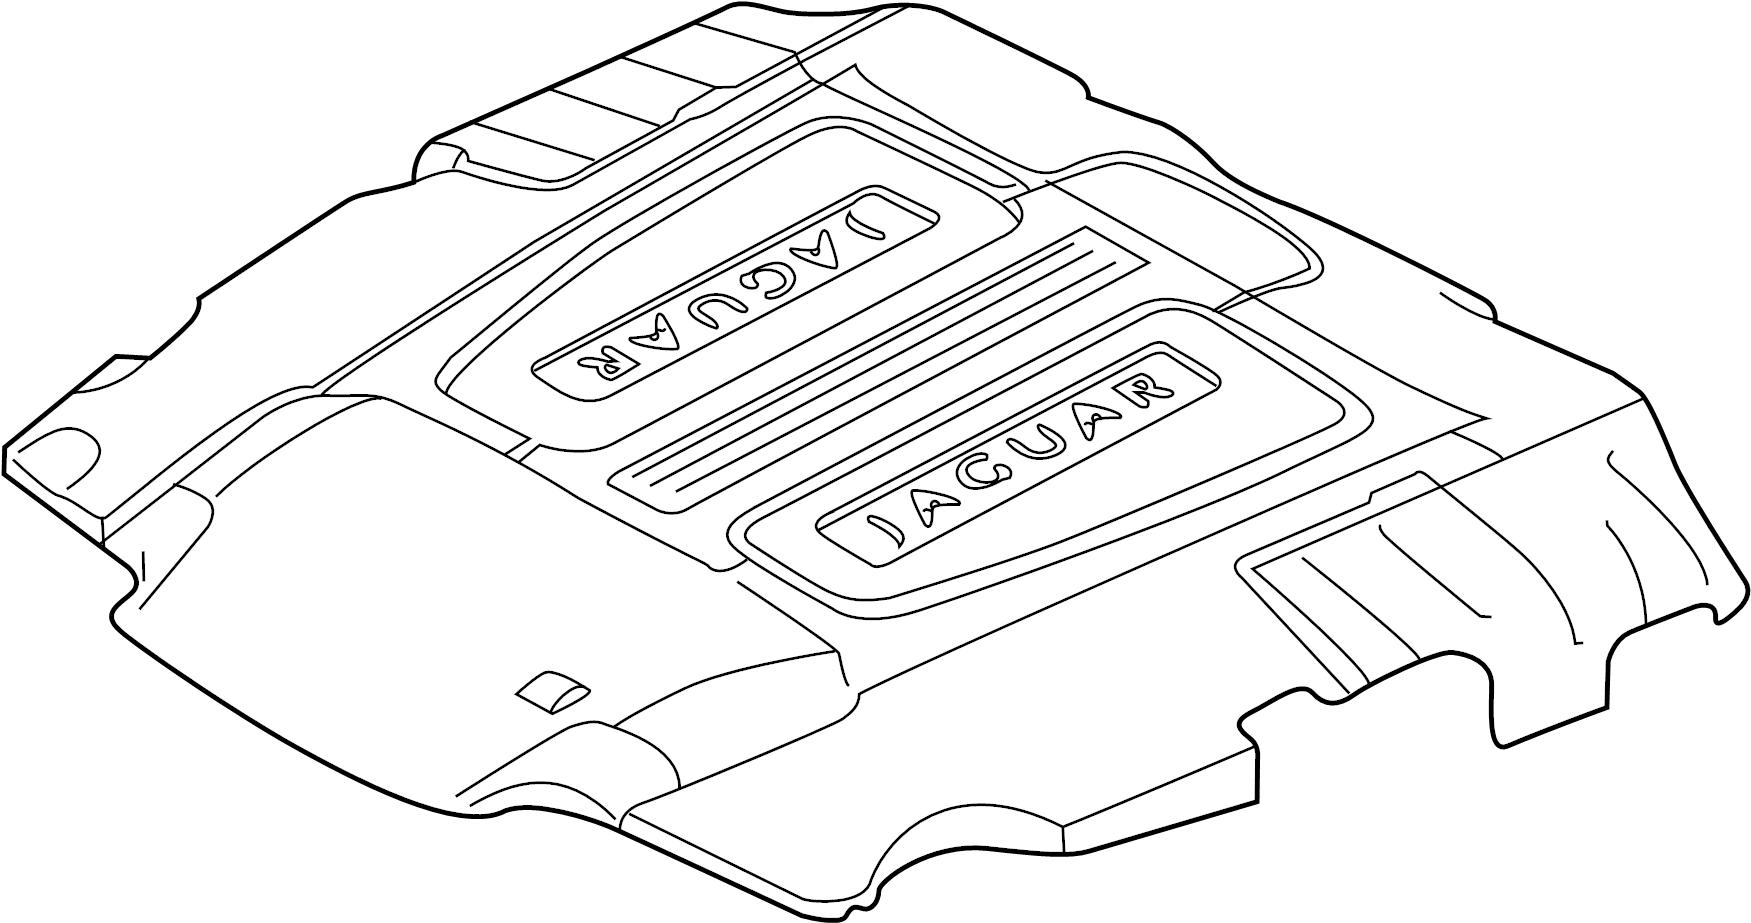 Jaguar Xfr S Engine Cover Liter Wsupercharger